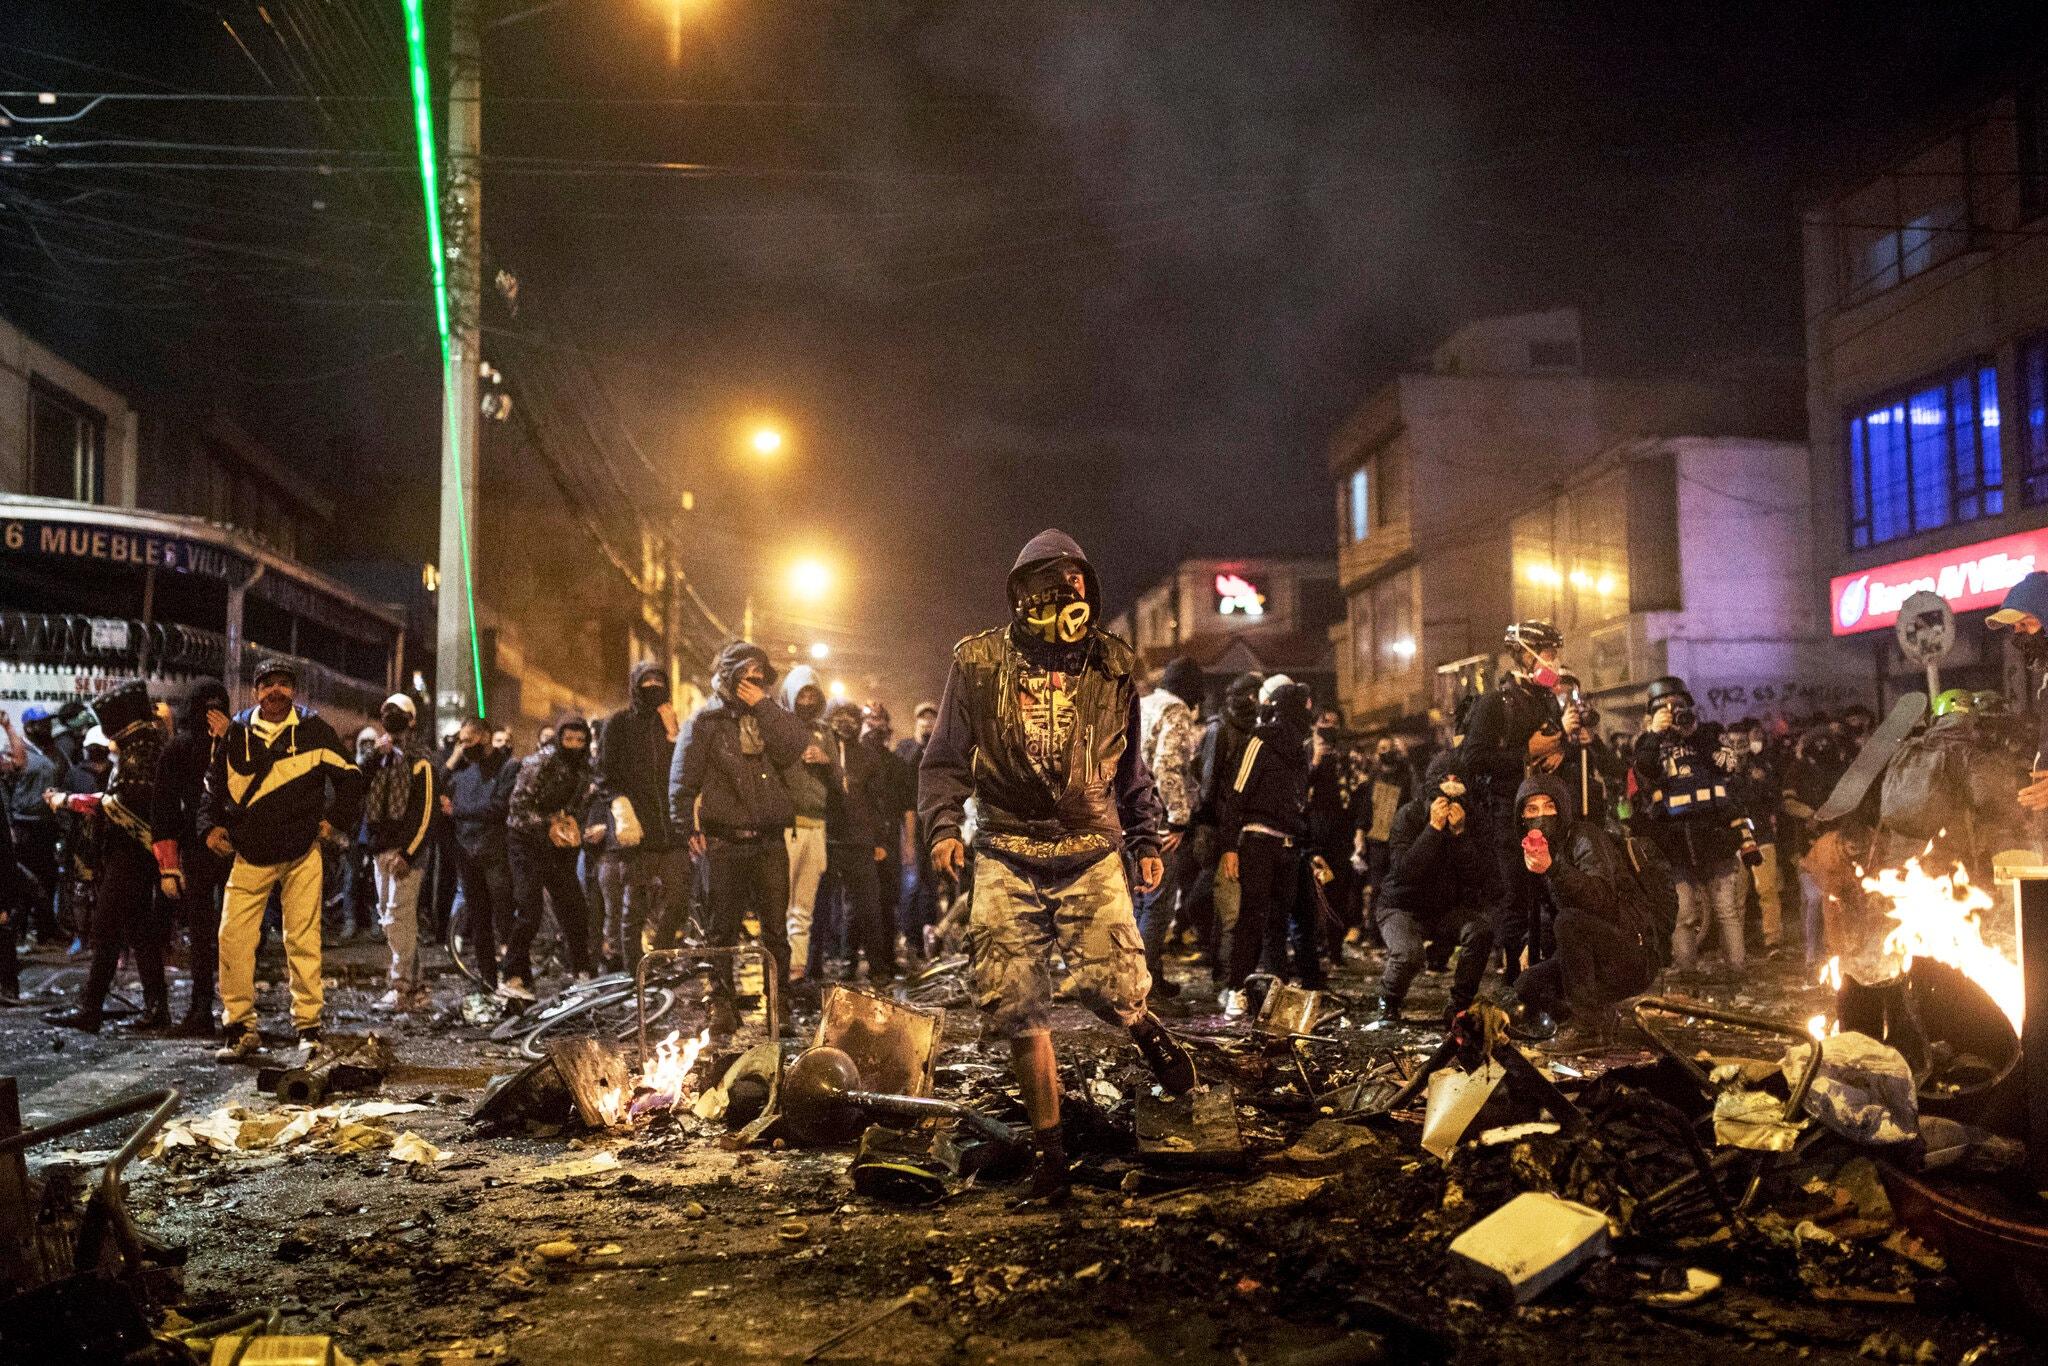 Protestas violentas surgen en Colombia después de que un hombre muera en custodia de la policía